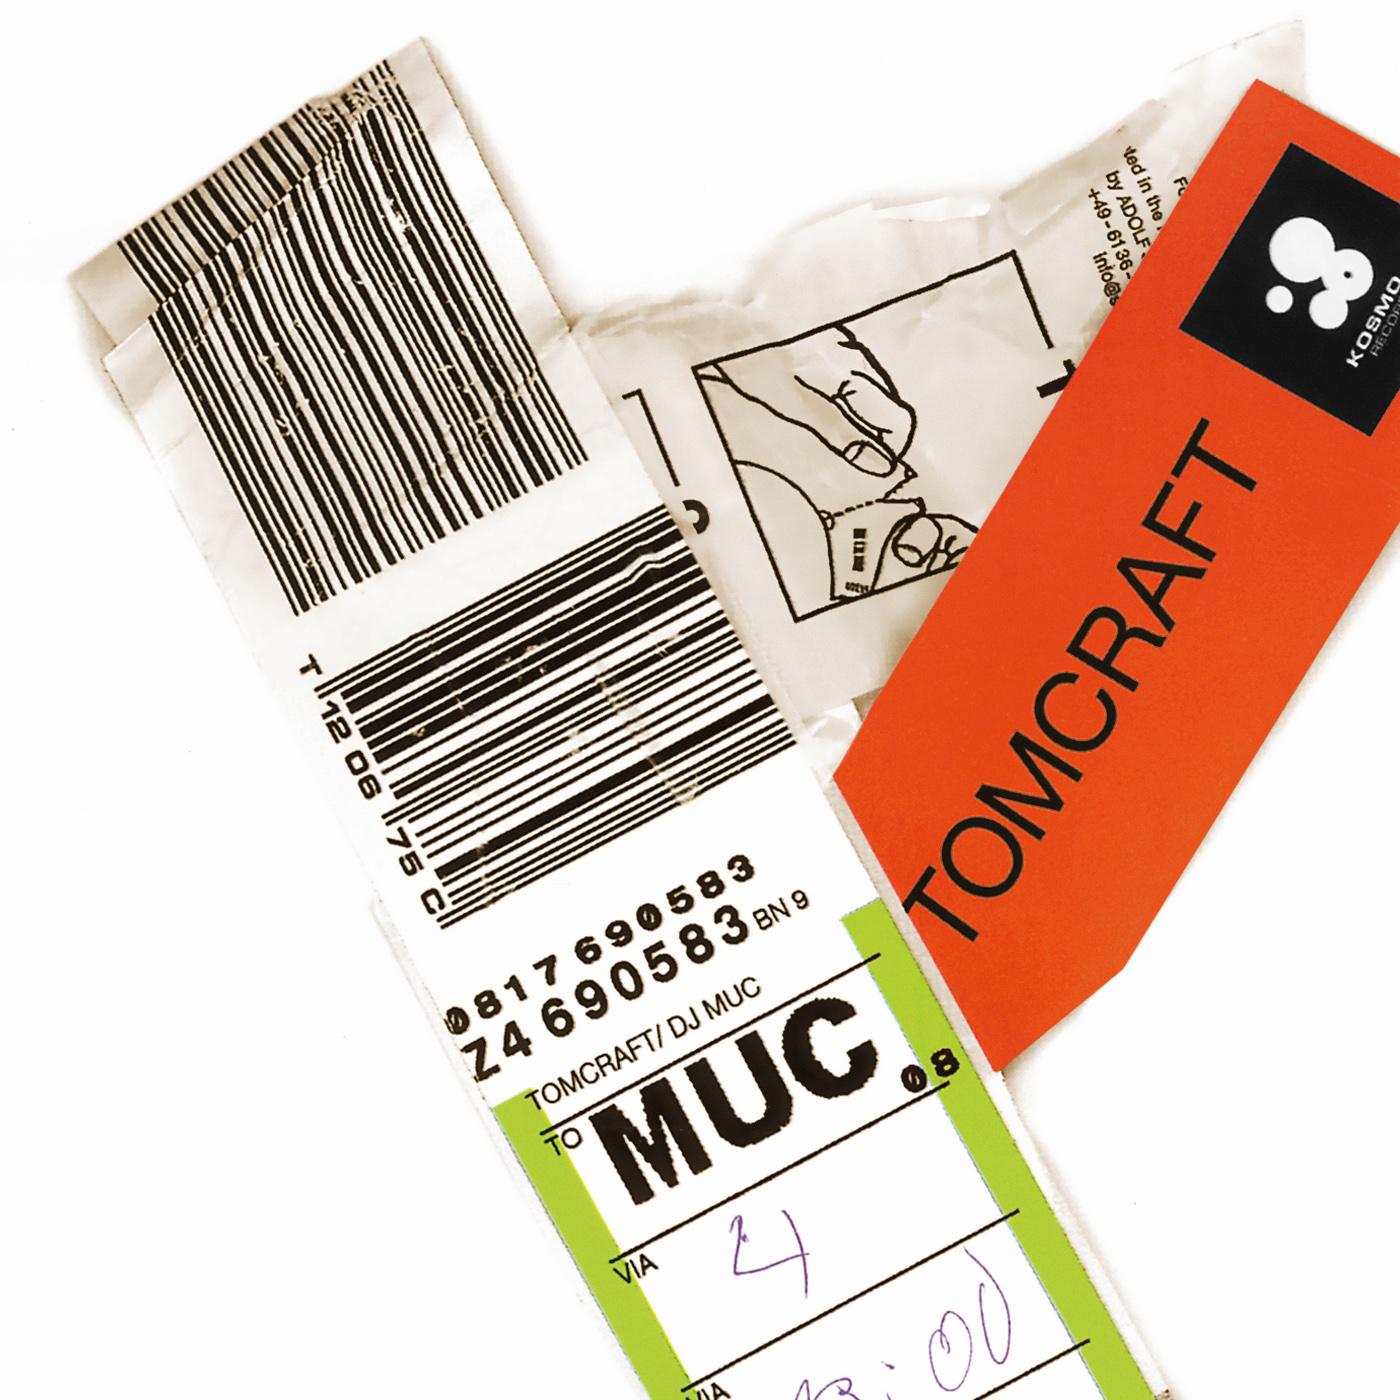 Album Artist: Tomcraft / Album Title: Muc